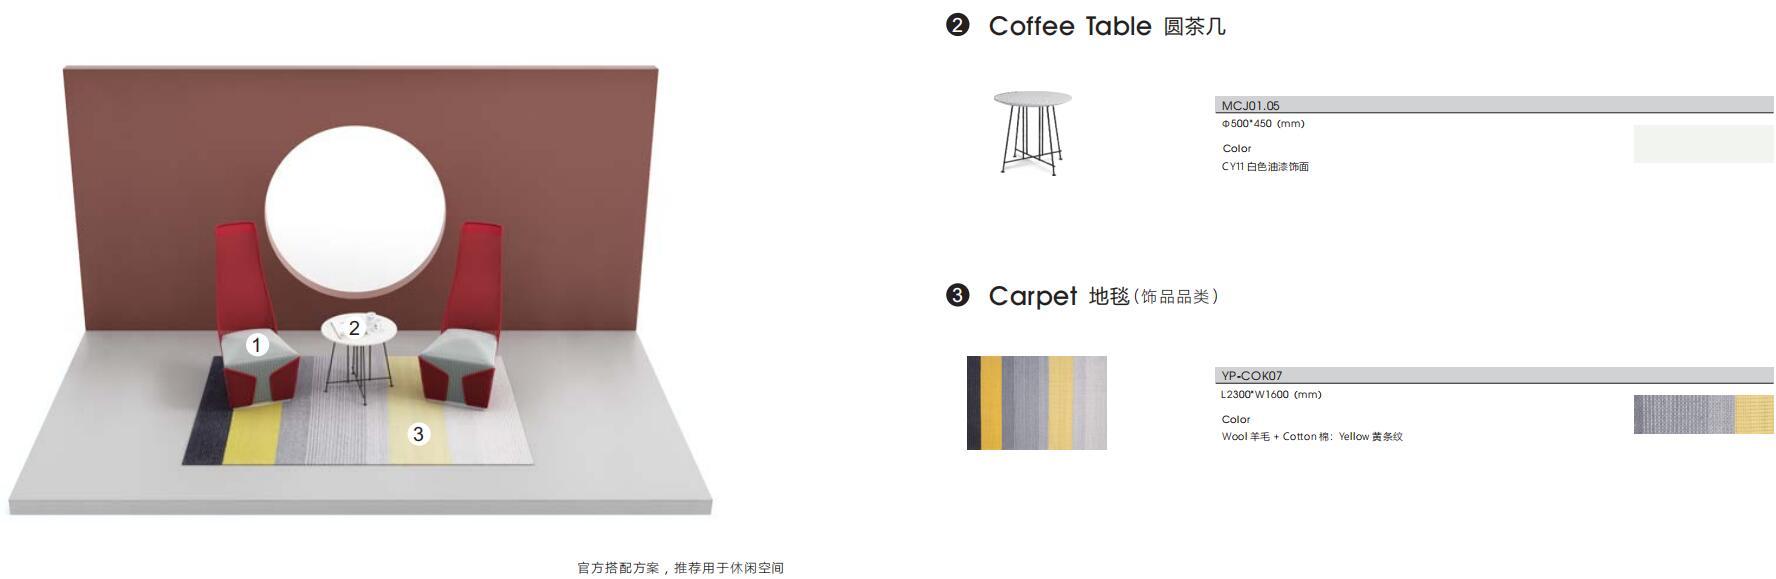 CARLOS卡洛姿系列高背沙发凳官方推荐搭配